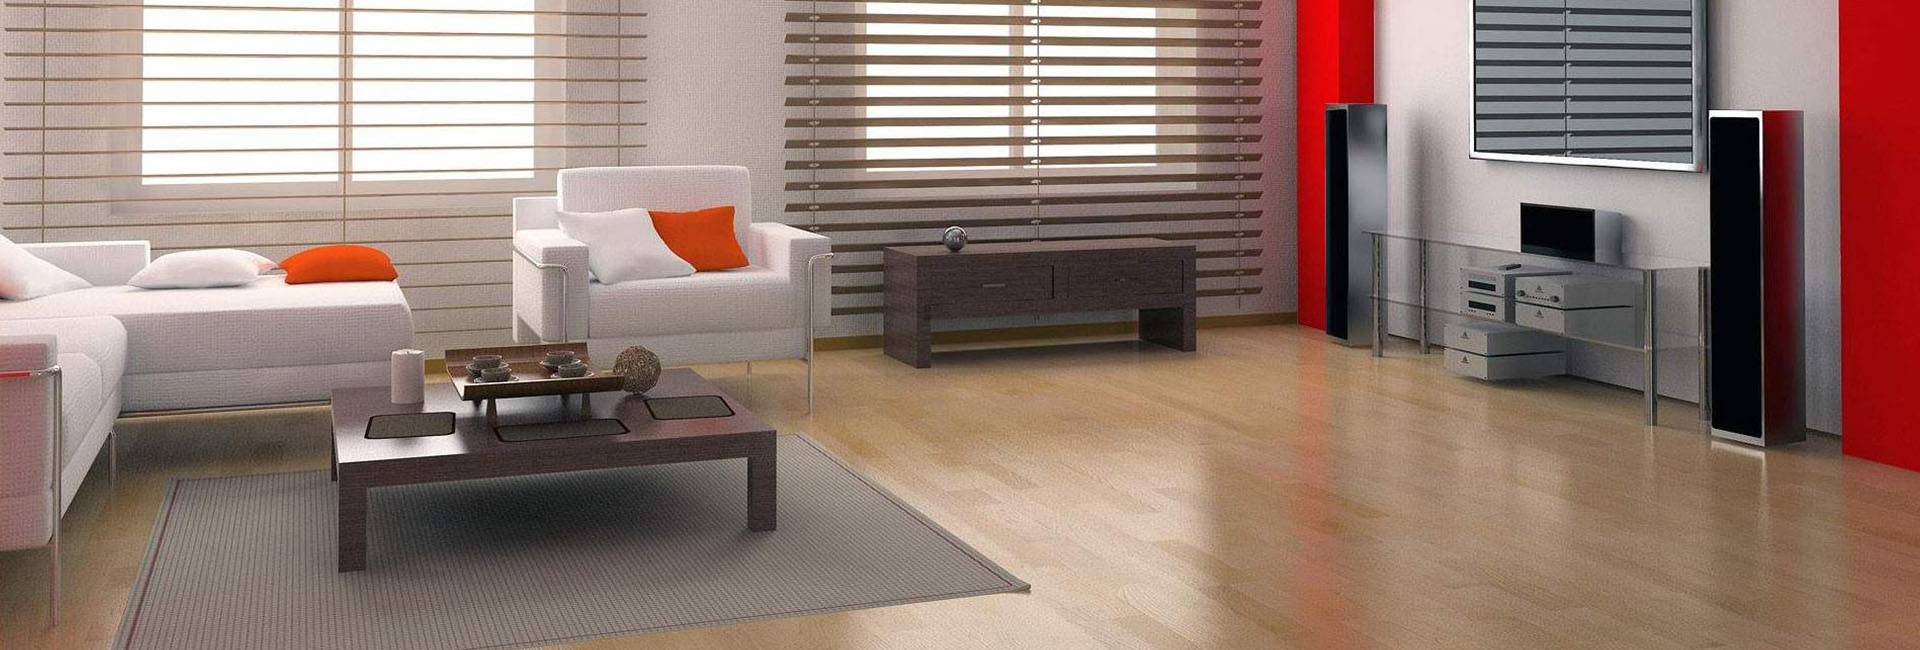 Πατώματα laminate, Μοντέρνα συστήματα σκίασης blinds, roller και κουρτίνας